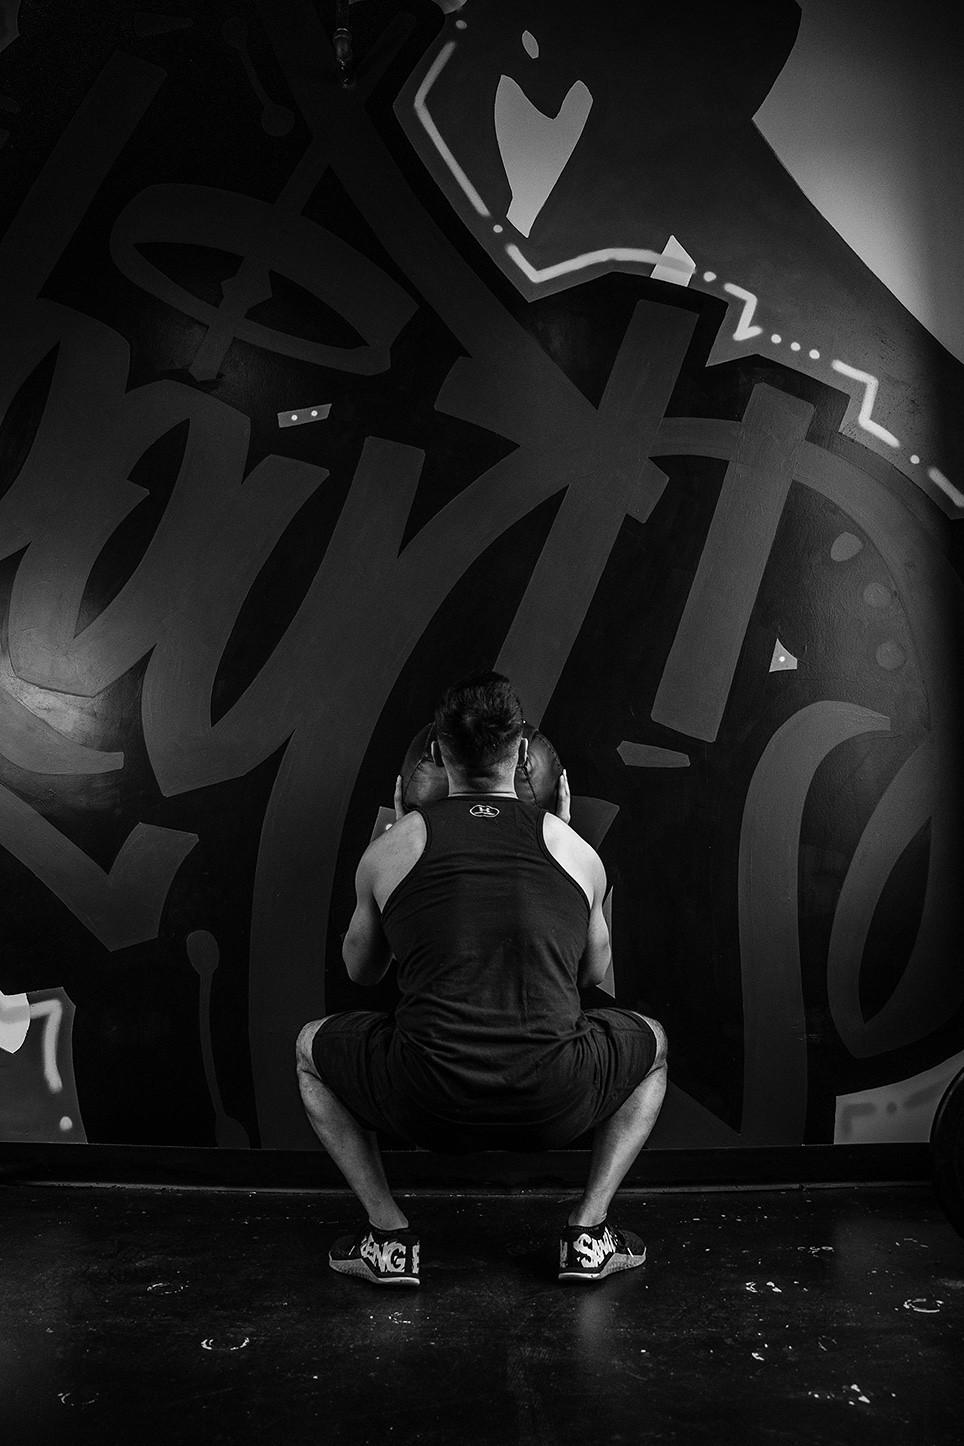 Eric Zeng down lifting